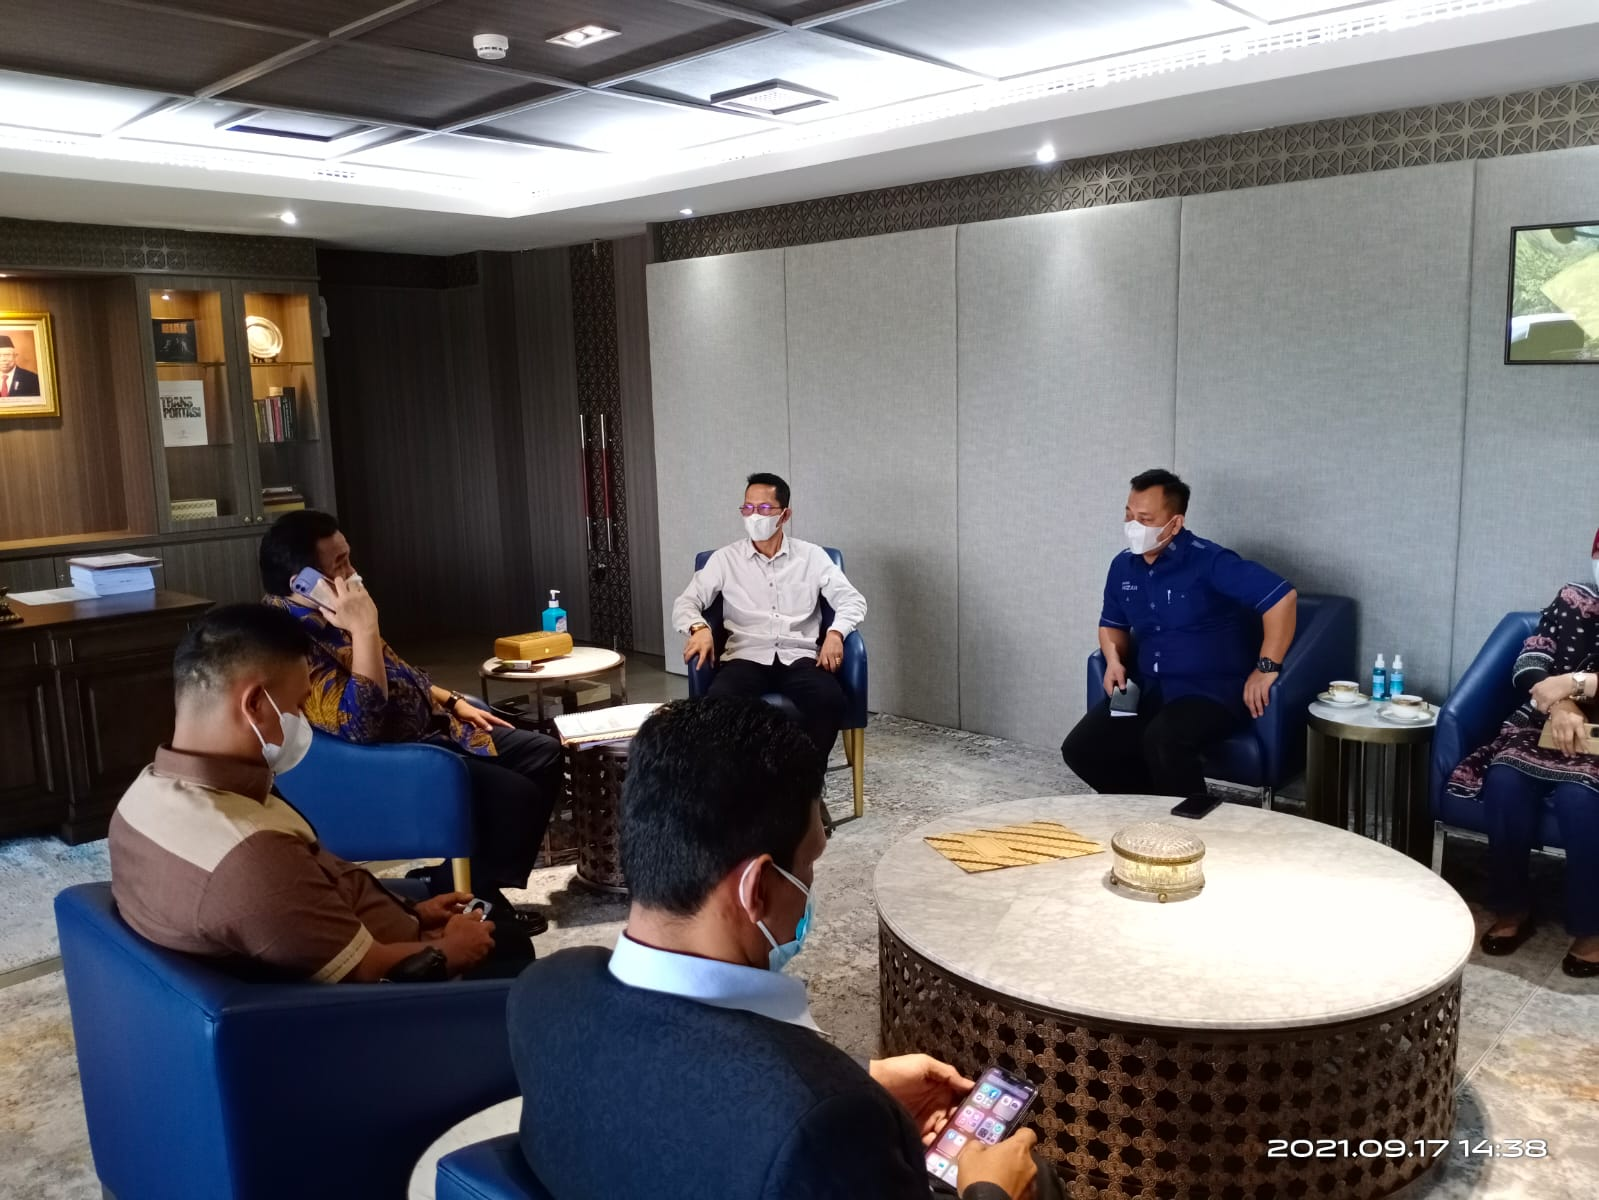 Bupati Lingga dan Wakil Bupati Lingga Paparkan Potensi Dan Kebutuhan Kabupaten Lingga Dihadapan Wakil Ketua DPR-RI, Bpk. Rachmat Gobel.